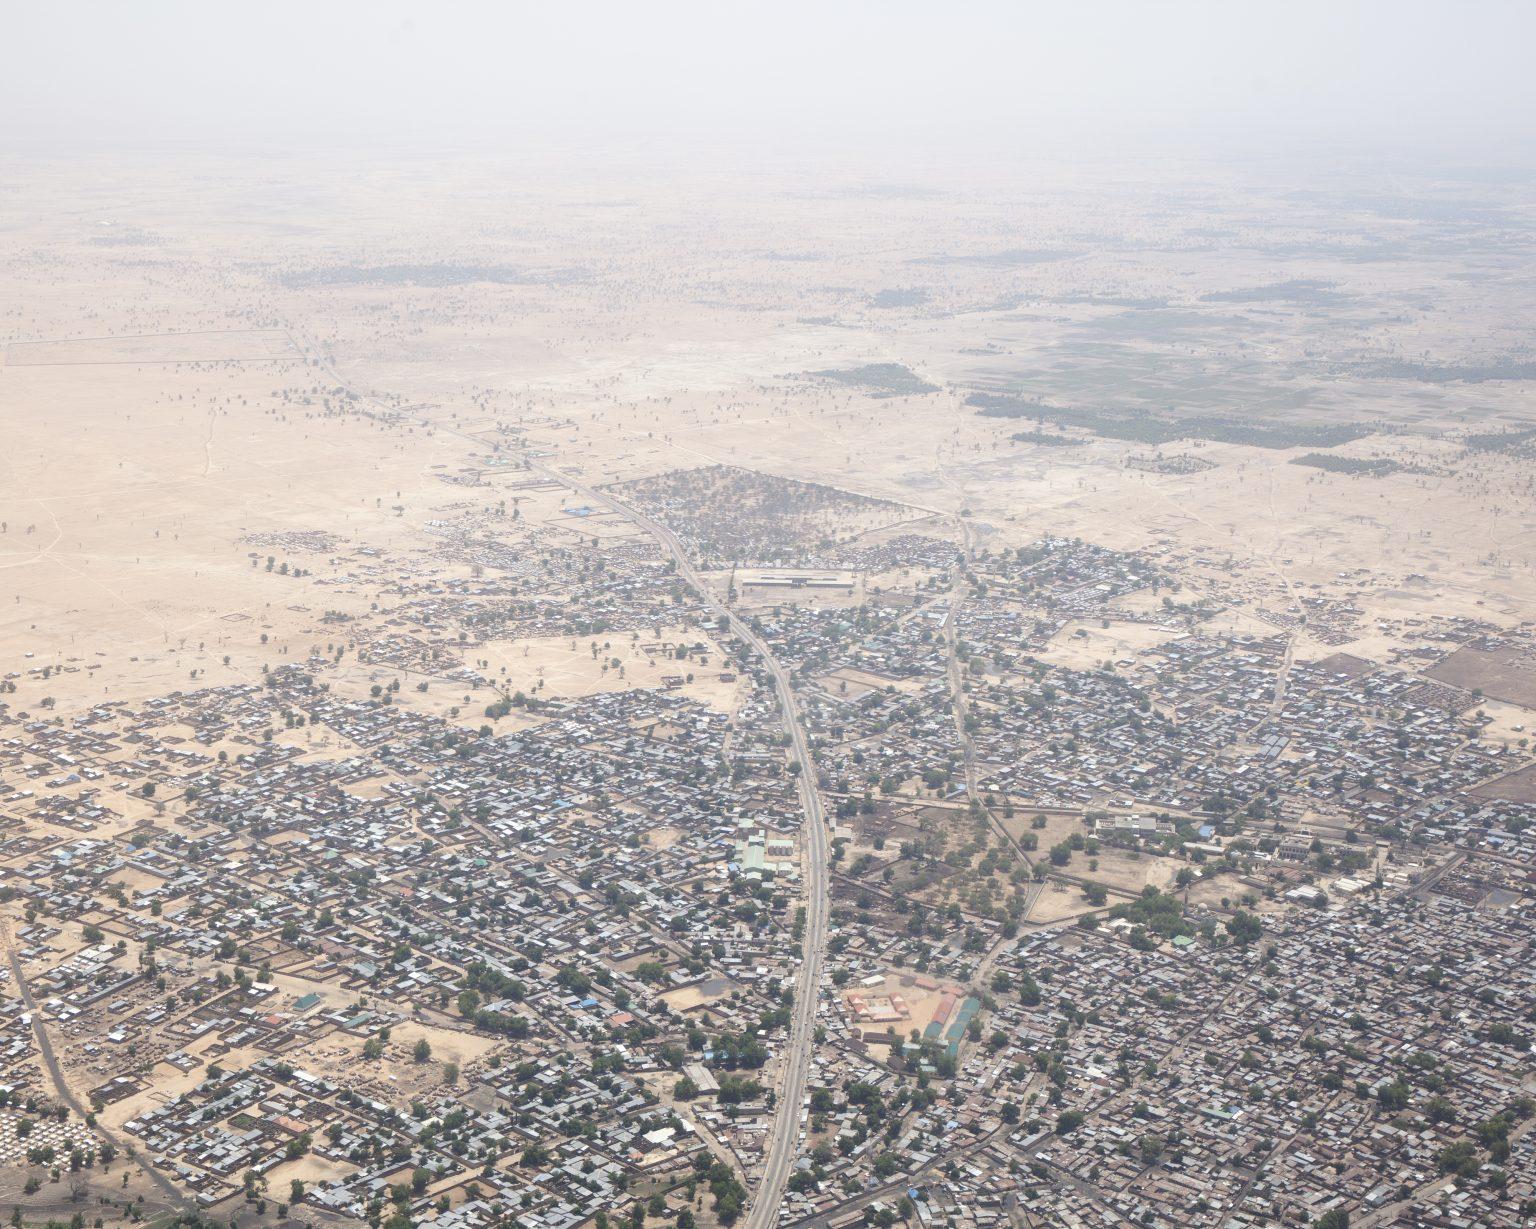 Borno State (Nigeria). The capital of Borno State, Maiduguri, seen from the helicopter. The roads towards the main towns of the State, such as Ngala and Bama, are dangerous to travel due to the high risk of mines and of attacks by Boko Haram. >< Stato di Borno (Nigeria). Maiduguri, capitale dello Stato nigeriano di Borno, vista dall'elicottero. Le strade che raggiungono le città principali dello Stato, come Ngala e Bama, sono pericolose da percorrere a causa dell'alto rischio di mine e di subire attacchi da parte di Boko Haram.